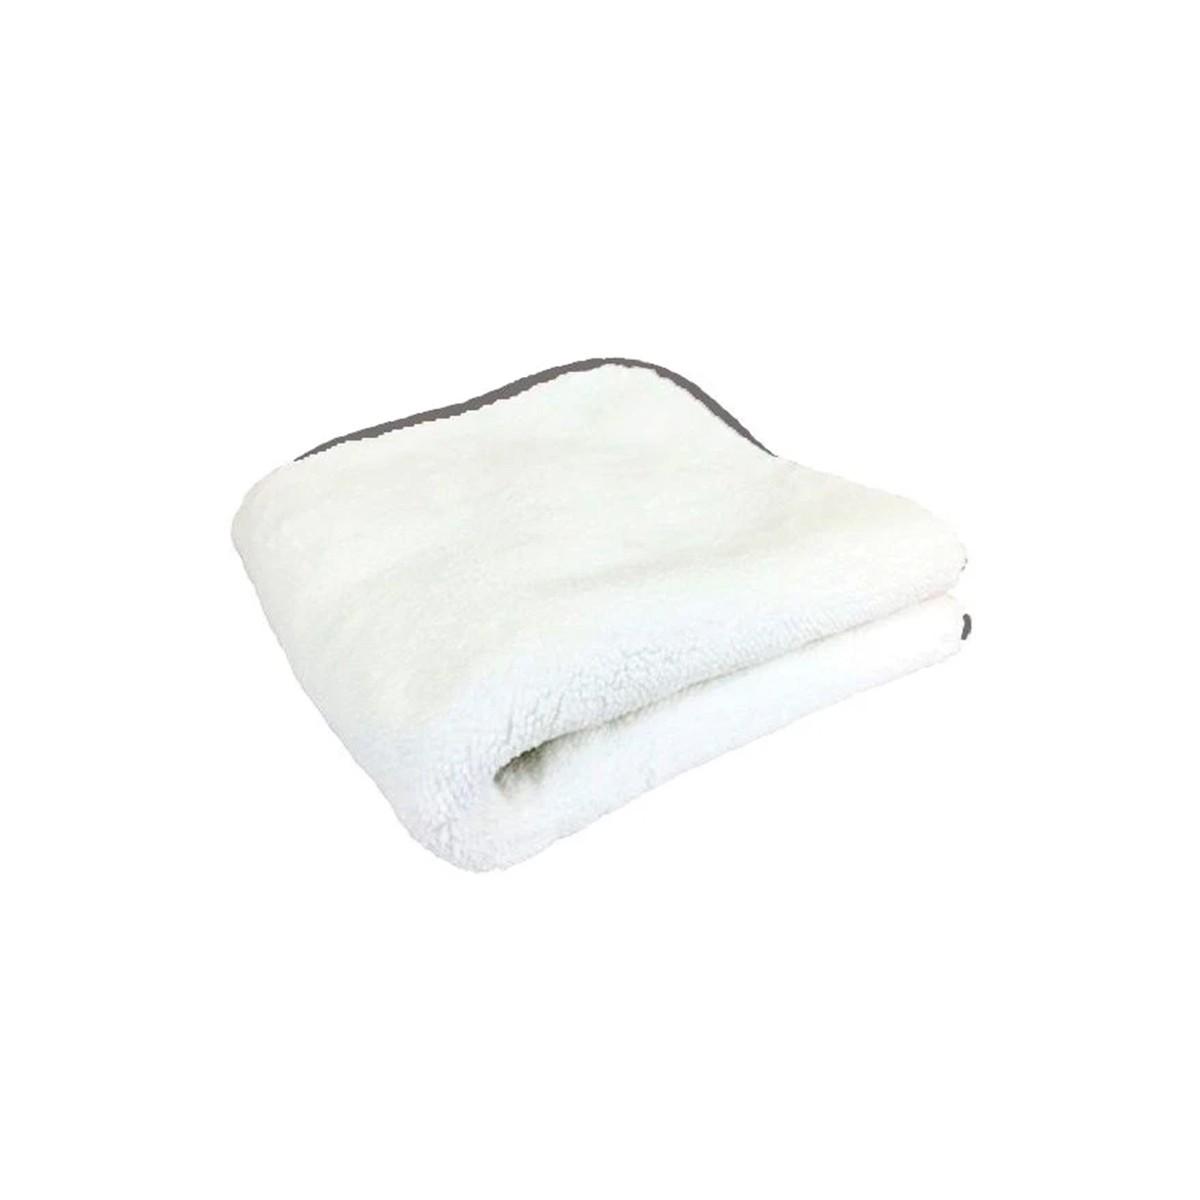 Toalha de Microfibra 1000Gsm Branca 40x40 Autoamerica